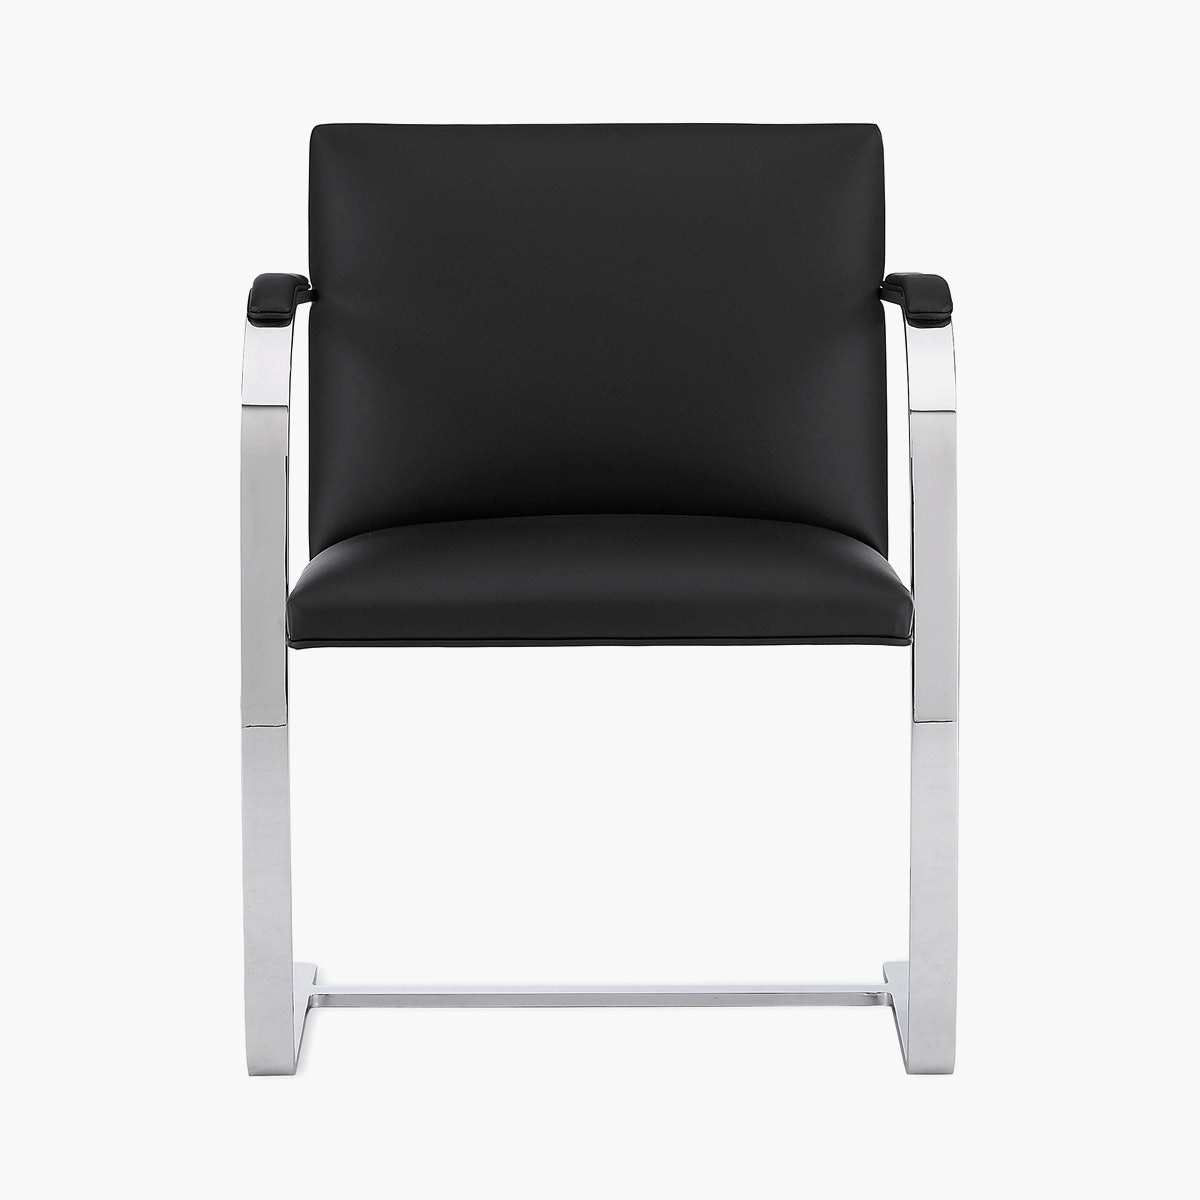 Brno Flat Bar Chair